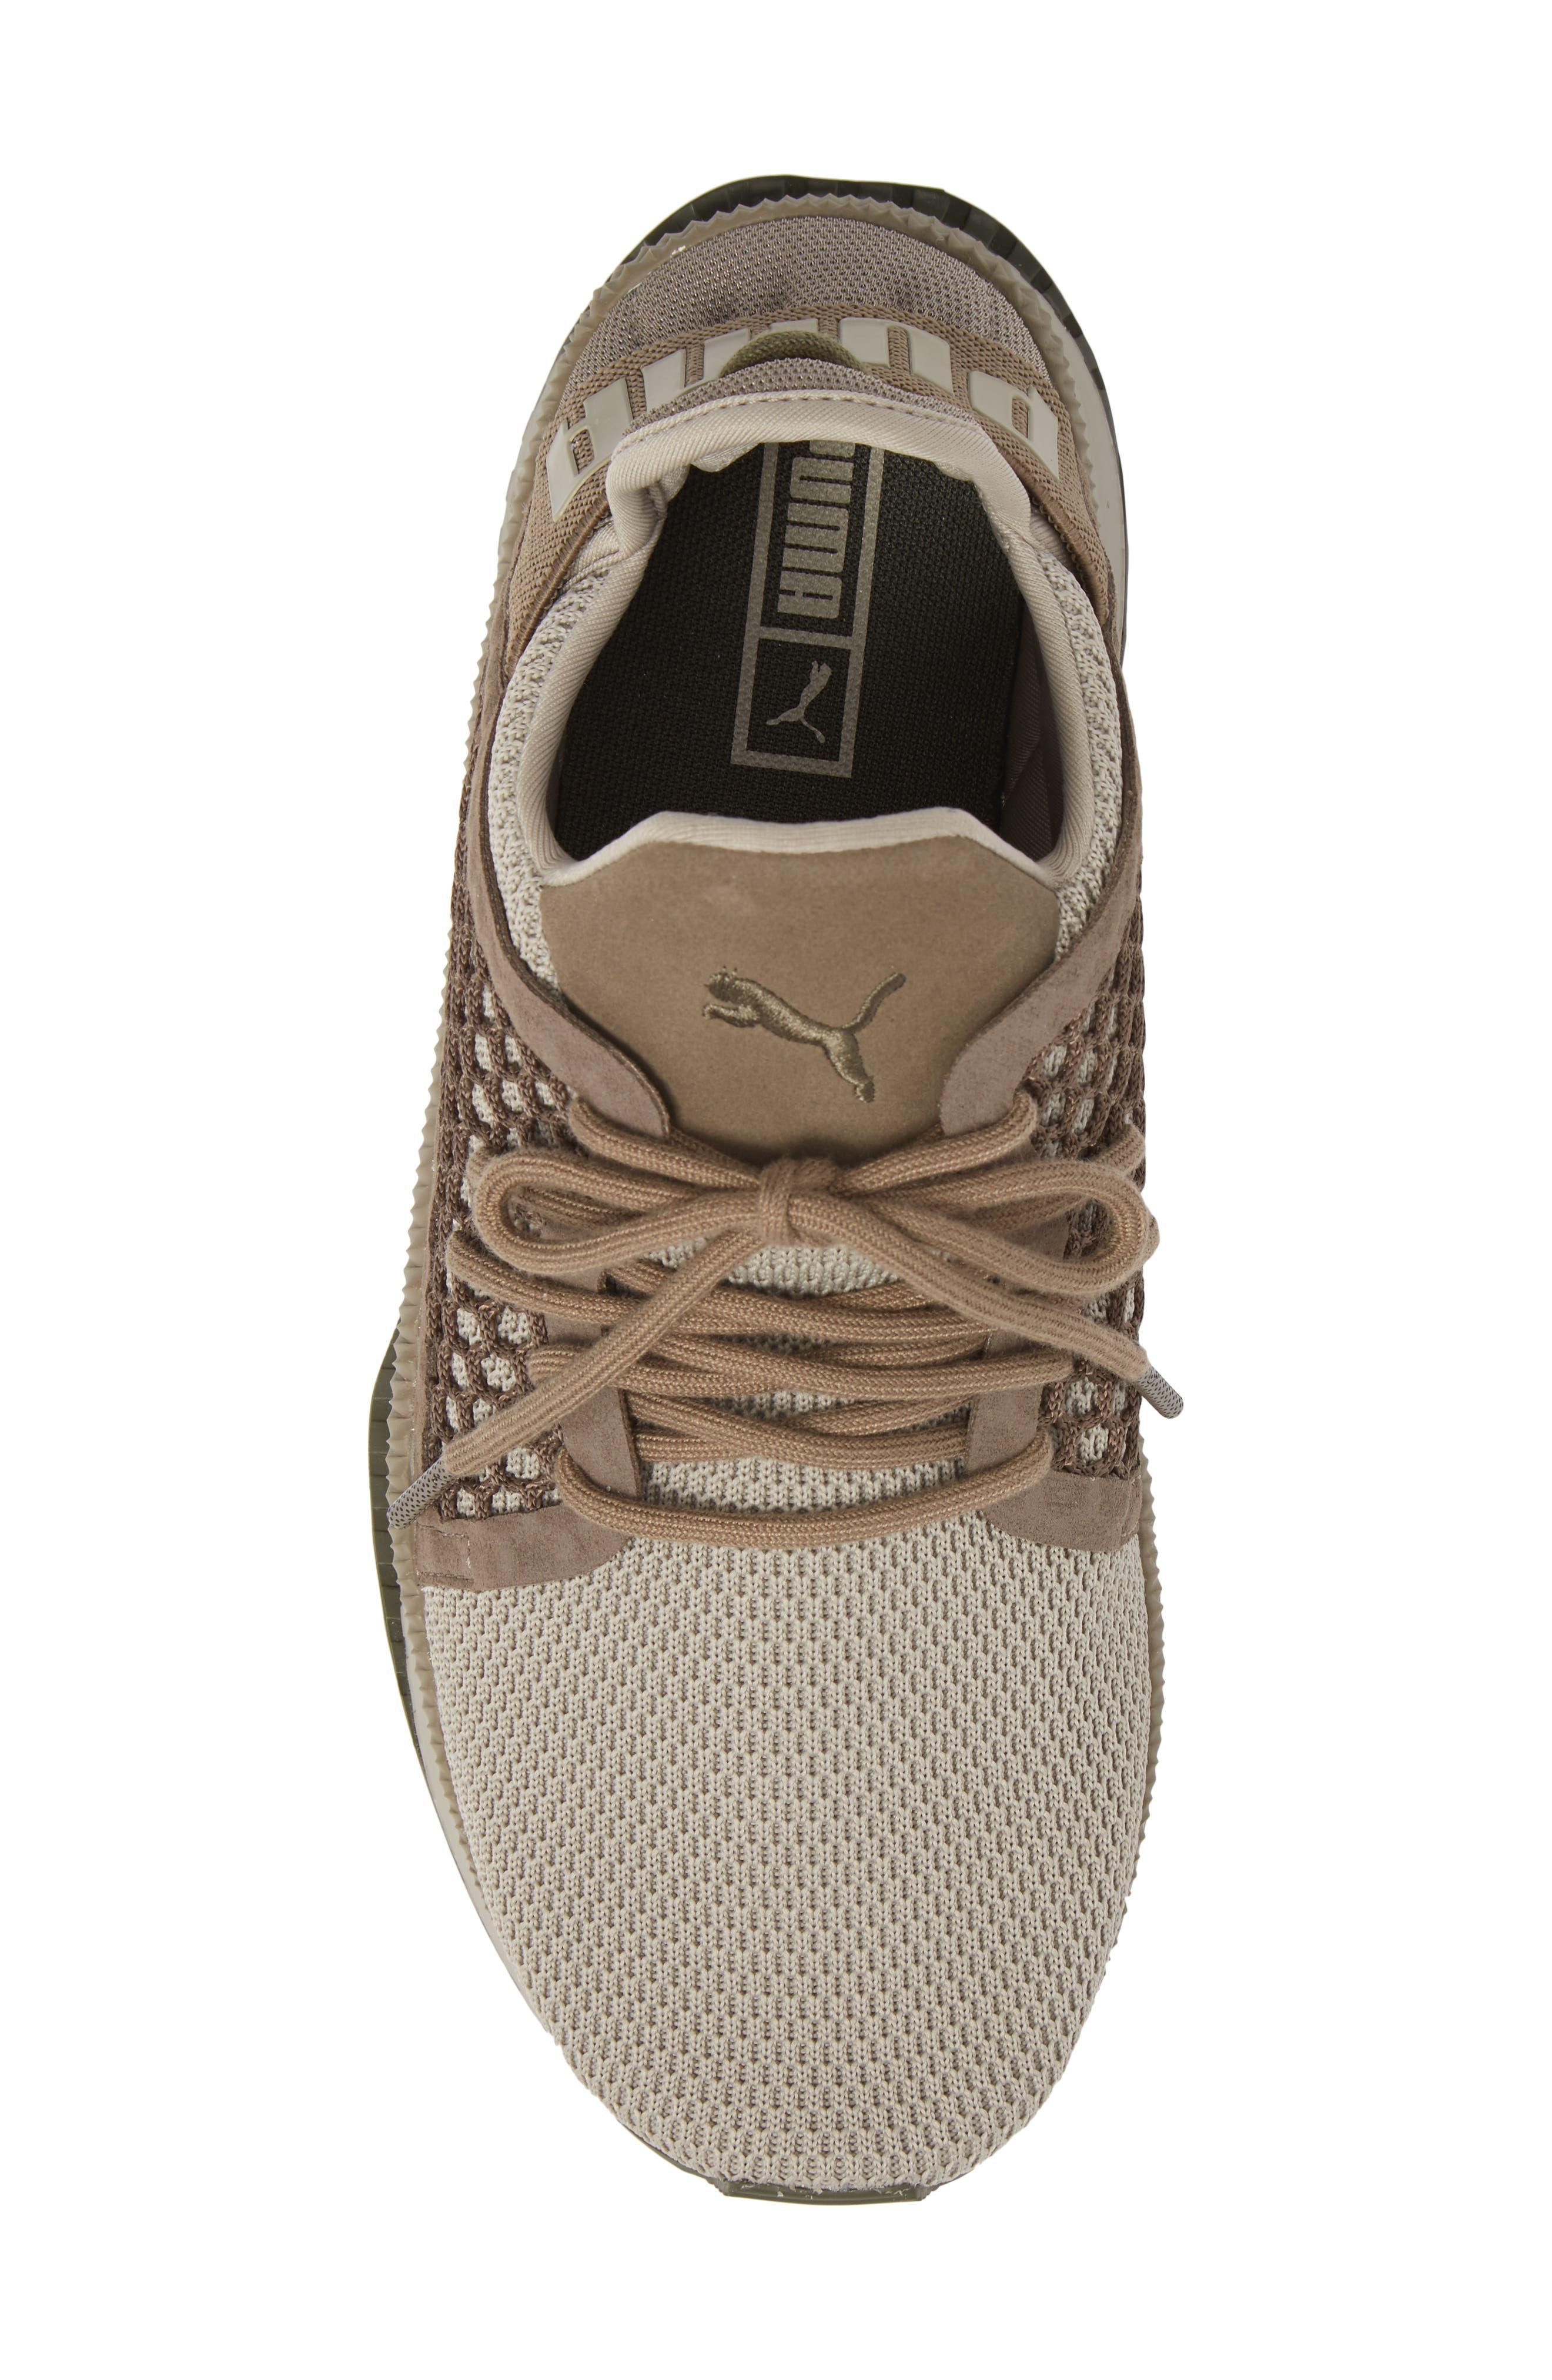 Tsugi NETFIT Training Shoe,                             Alternate thumbnail 5, color,                             Rock Ridge/Falcon/Olive Night